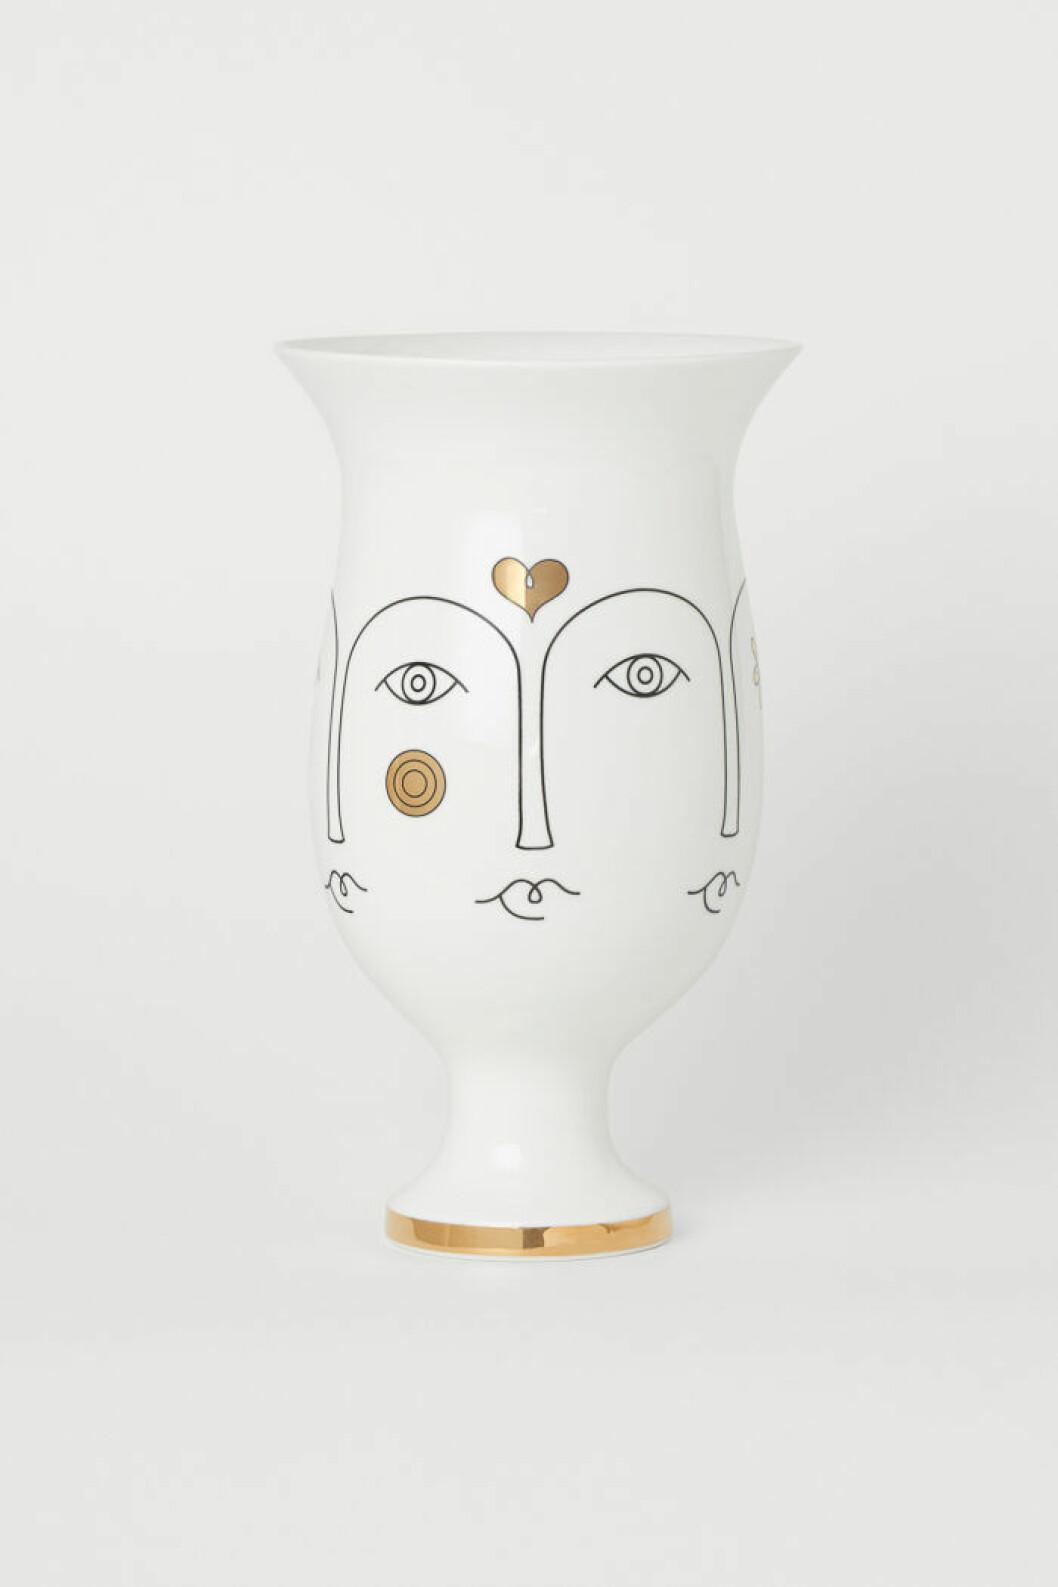 Vitguldig vas från Jonathan Adler x H&M